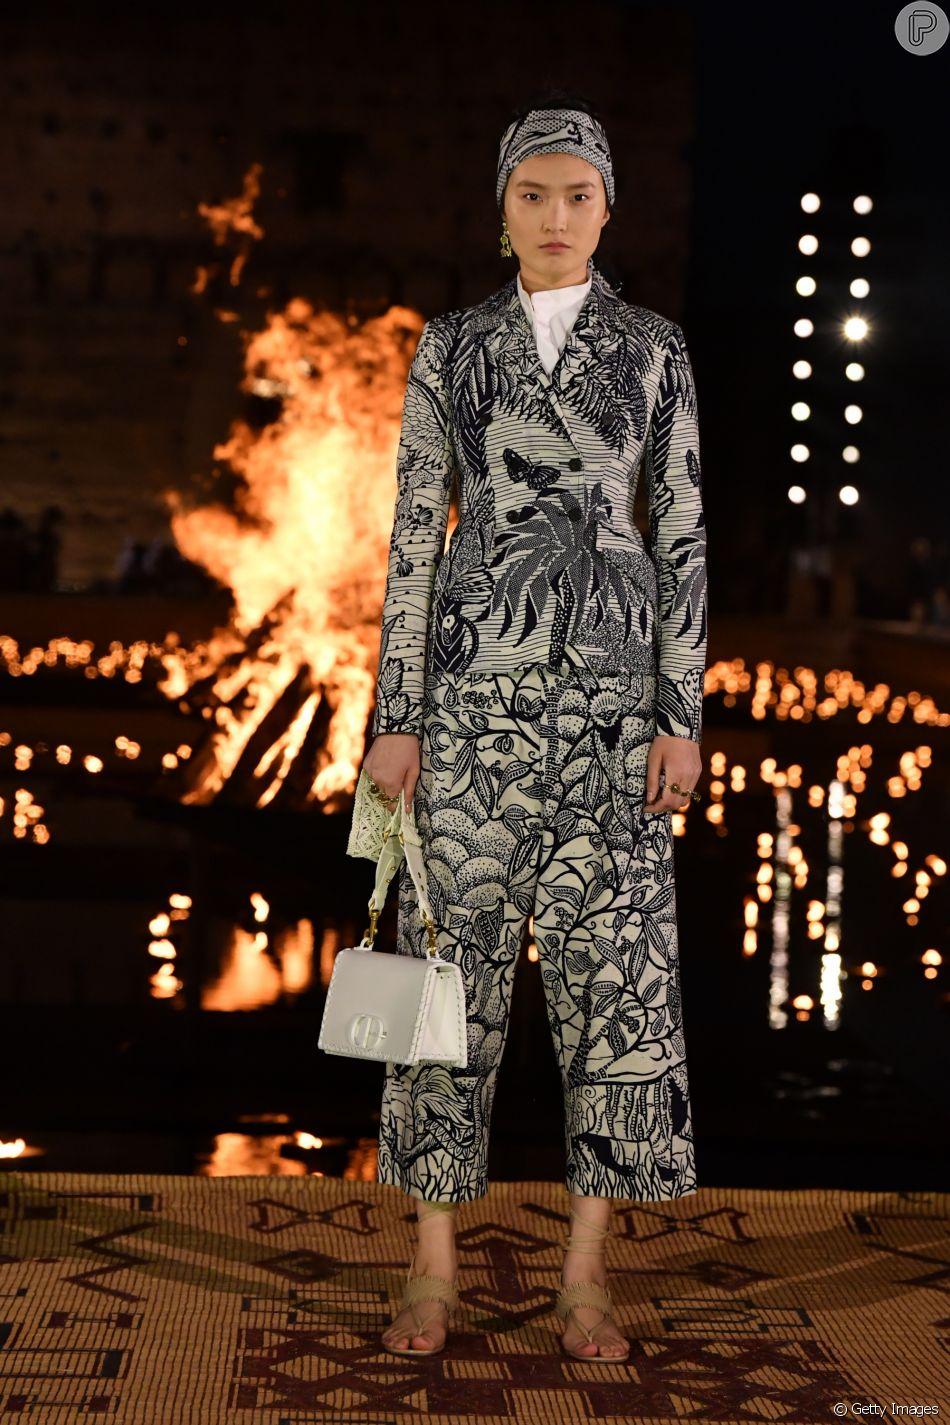 Combinação clássica, preto e branco aparece em novas versões nas passarelas. O look é Dior